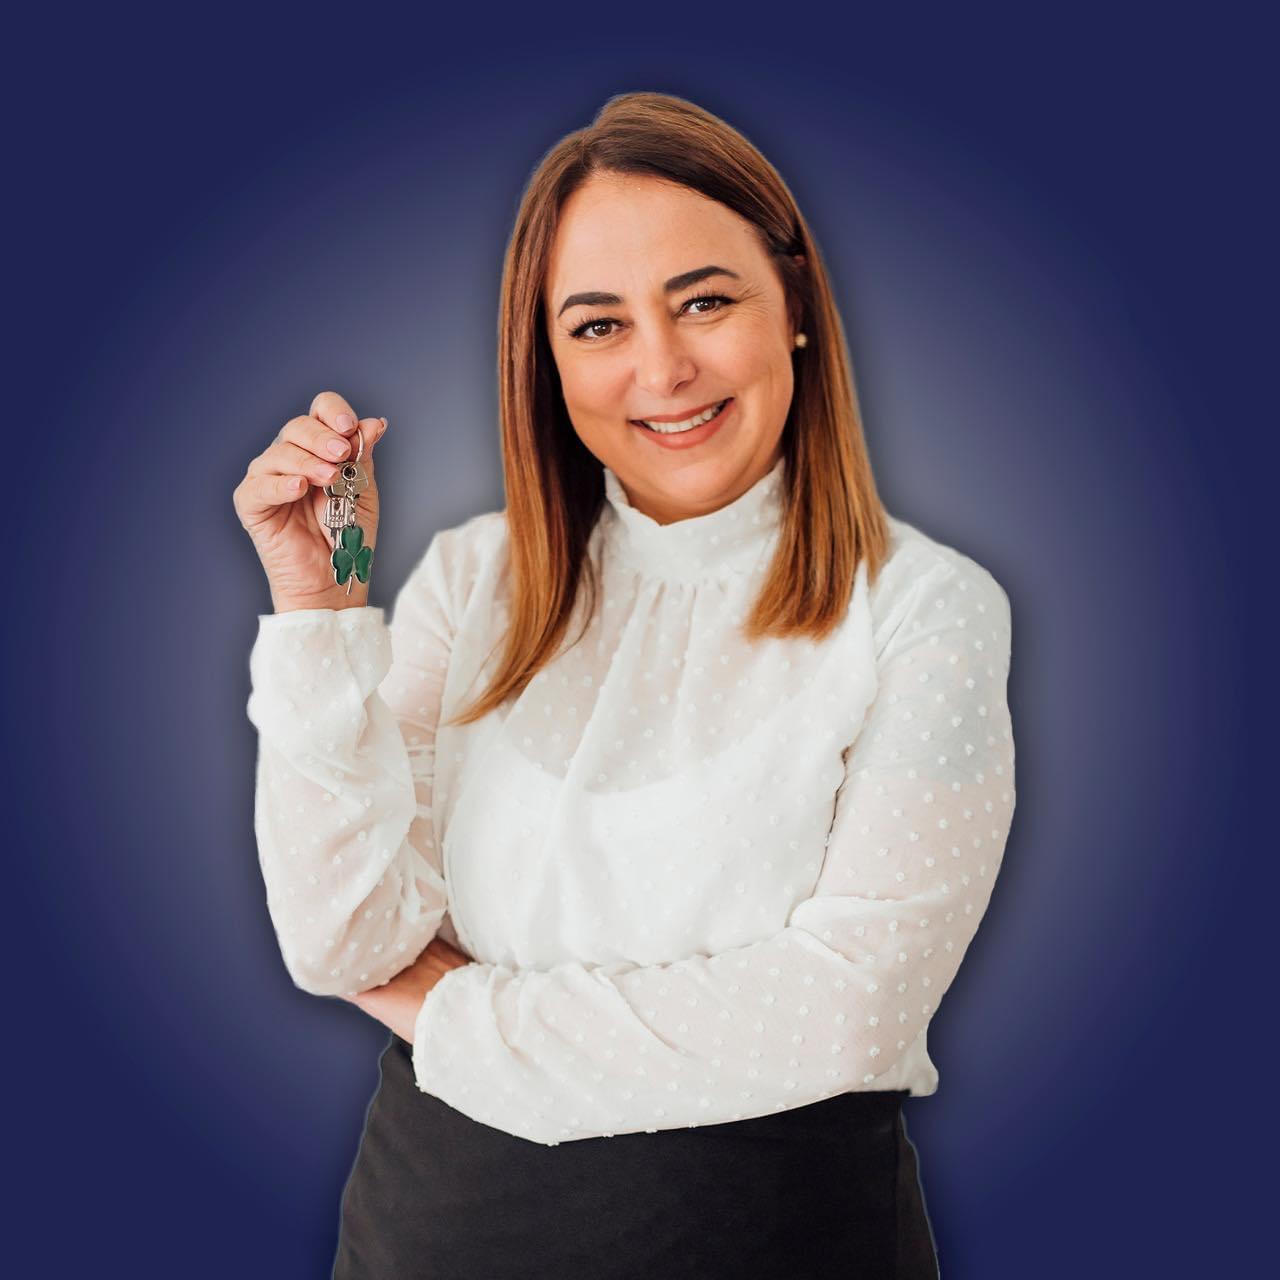 Sandra Roberta